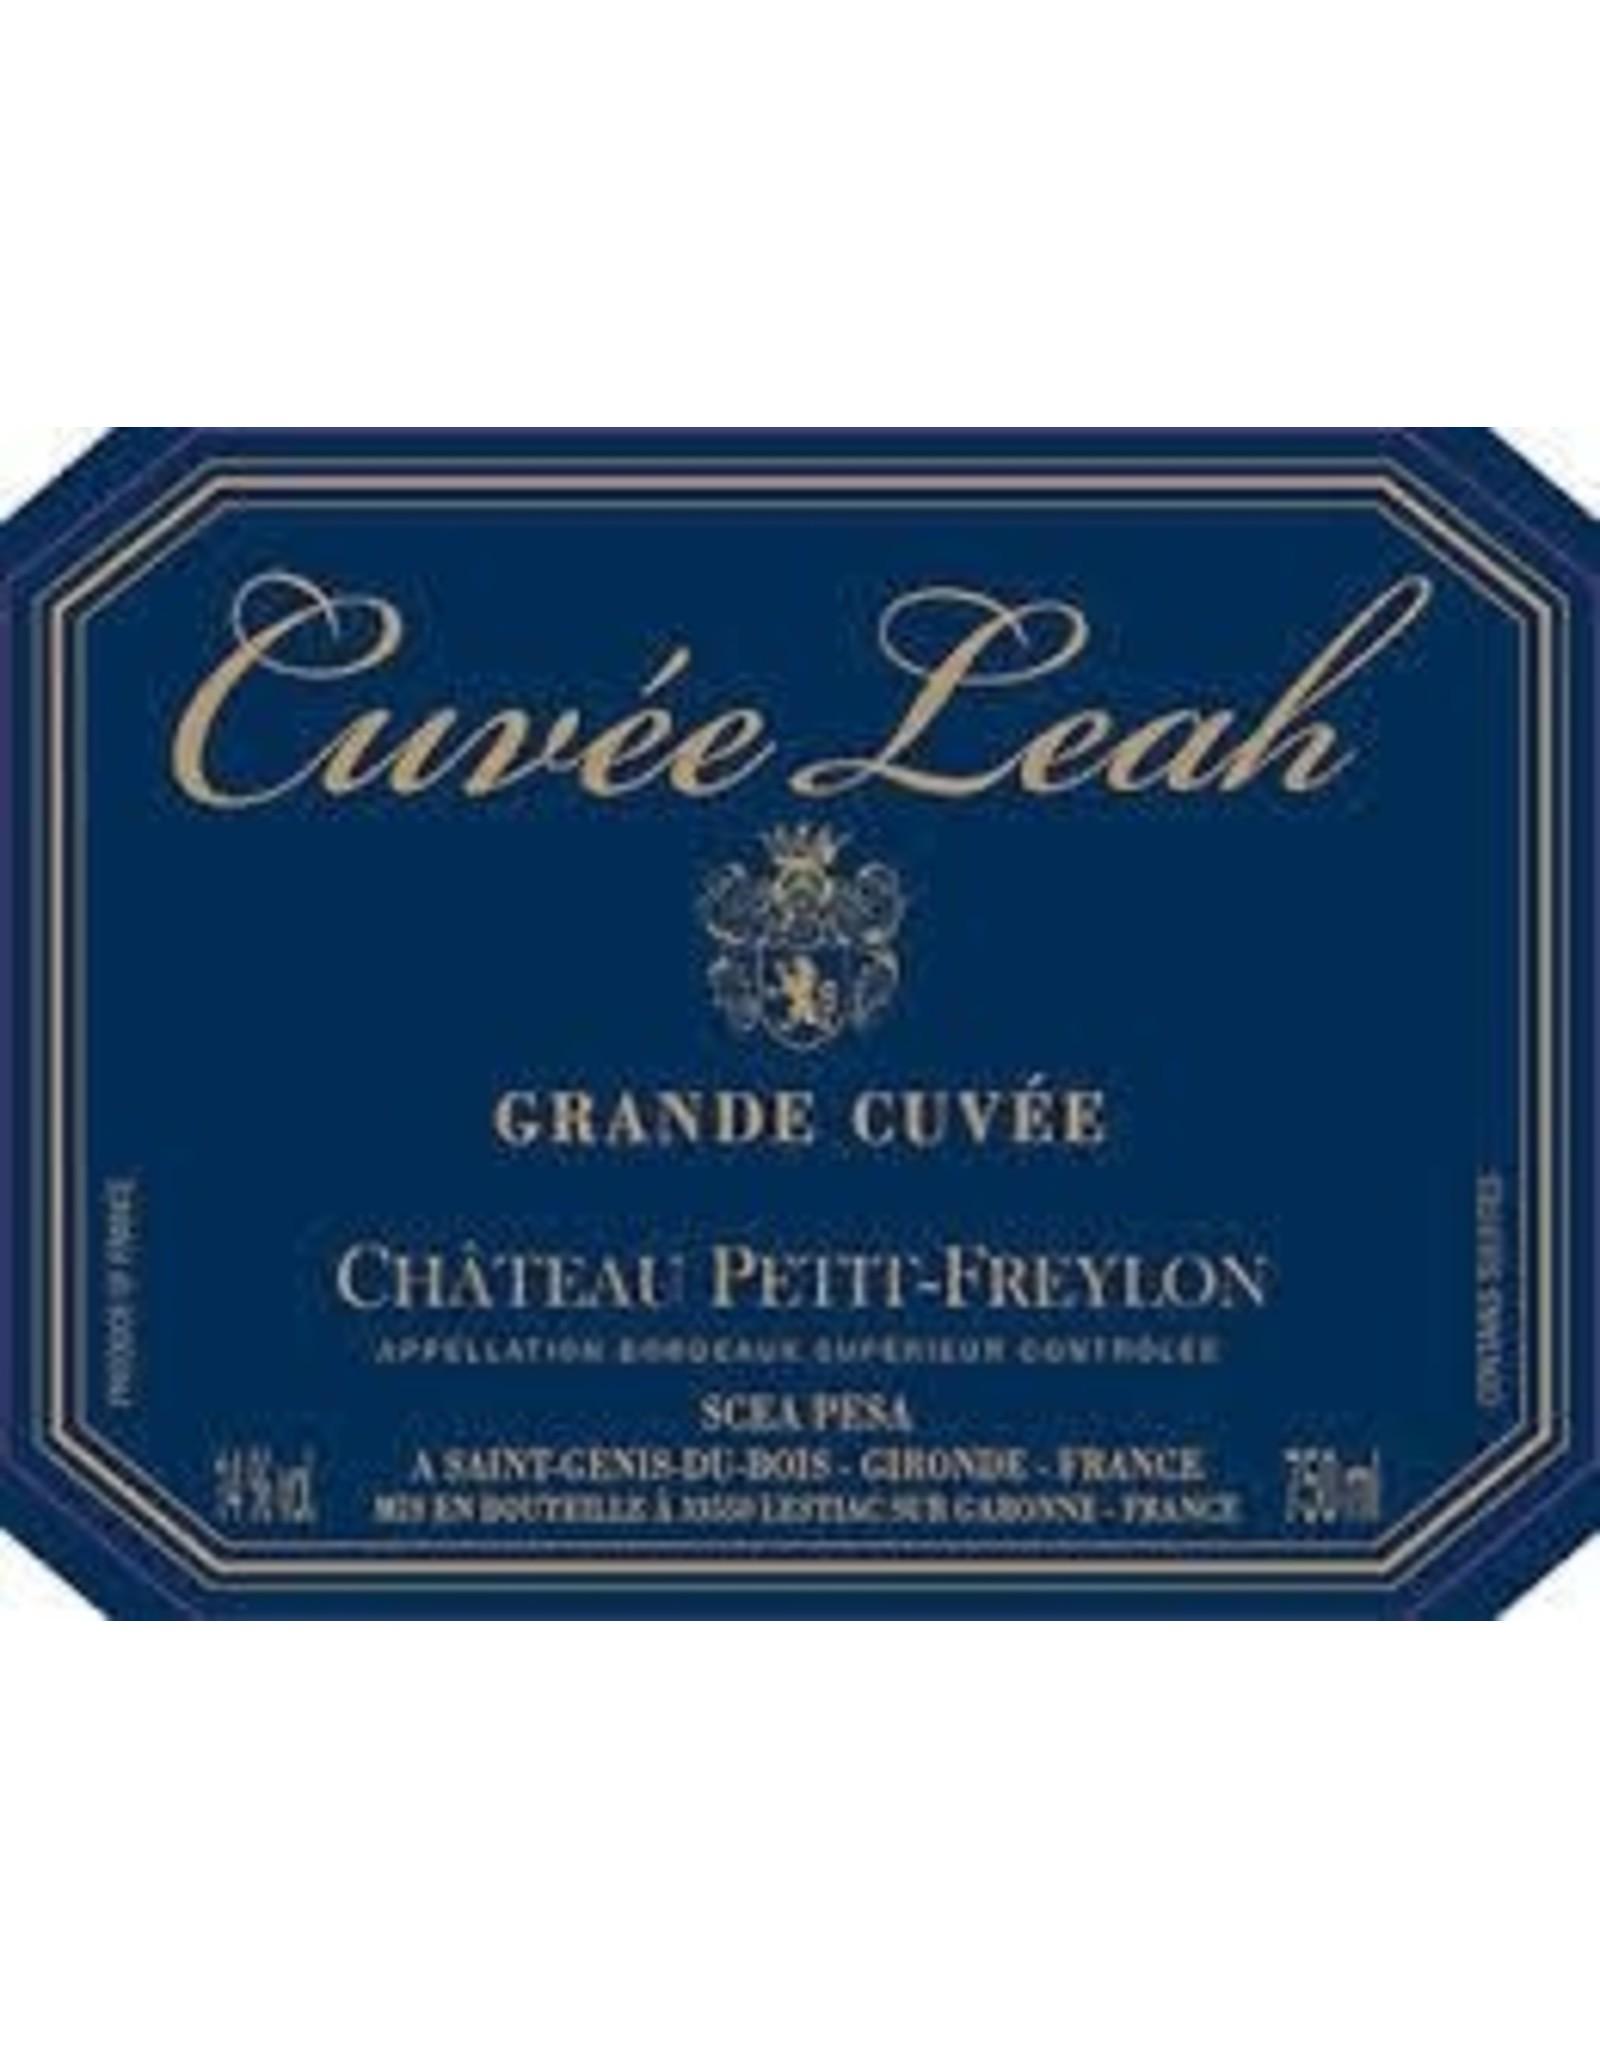 CUVEE LEAH GRANDE CUVEE 2012 750ML